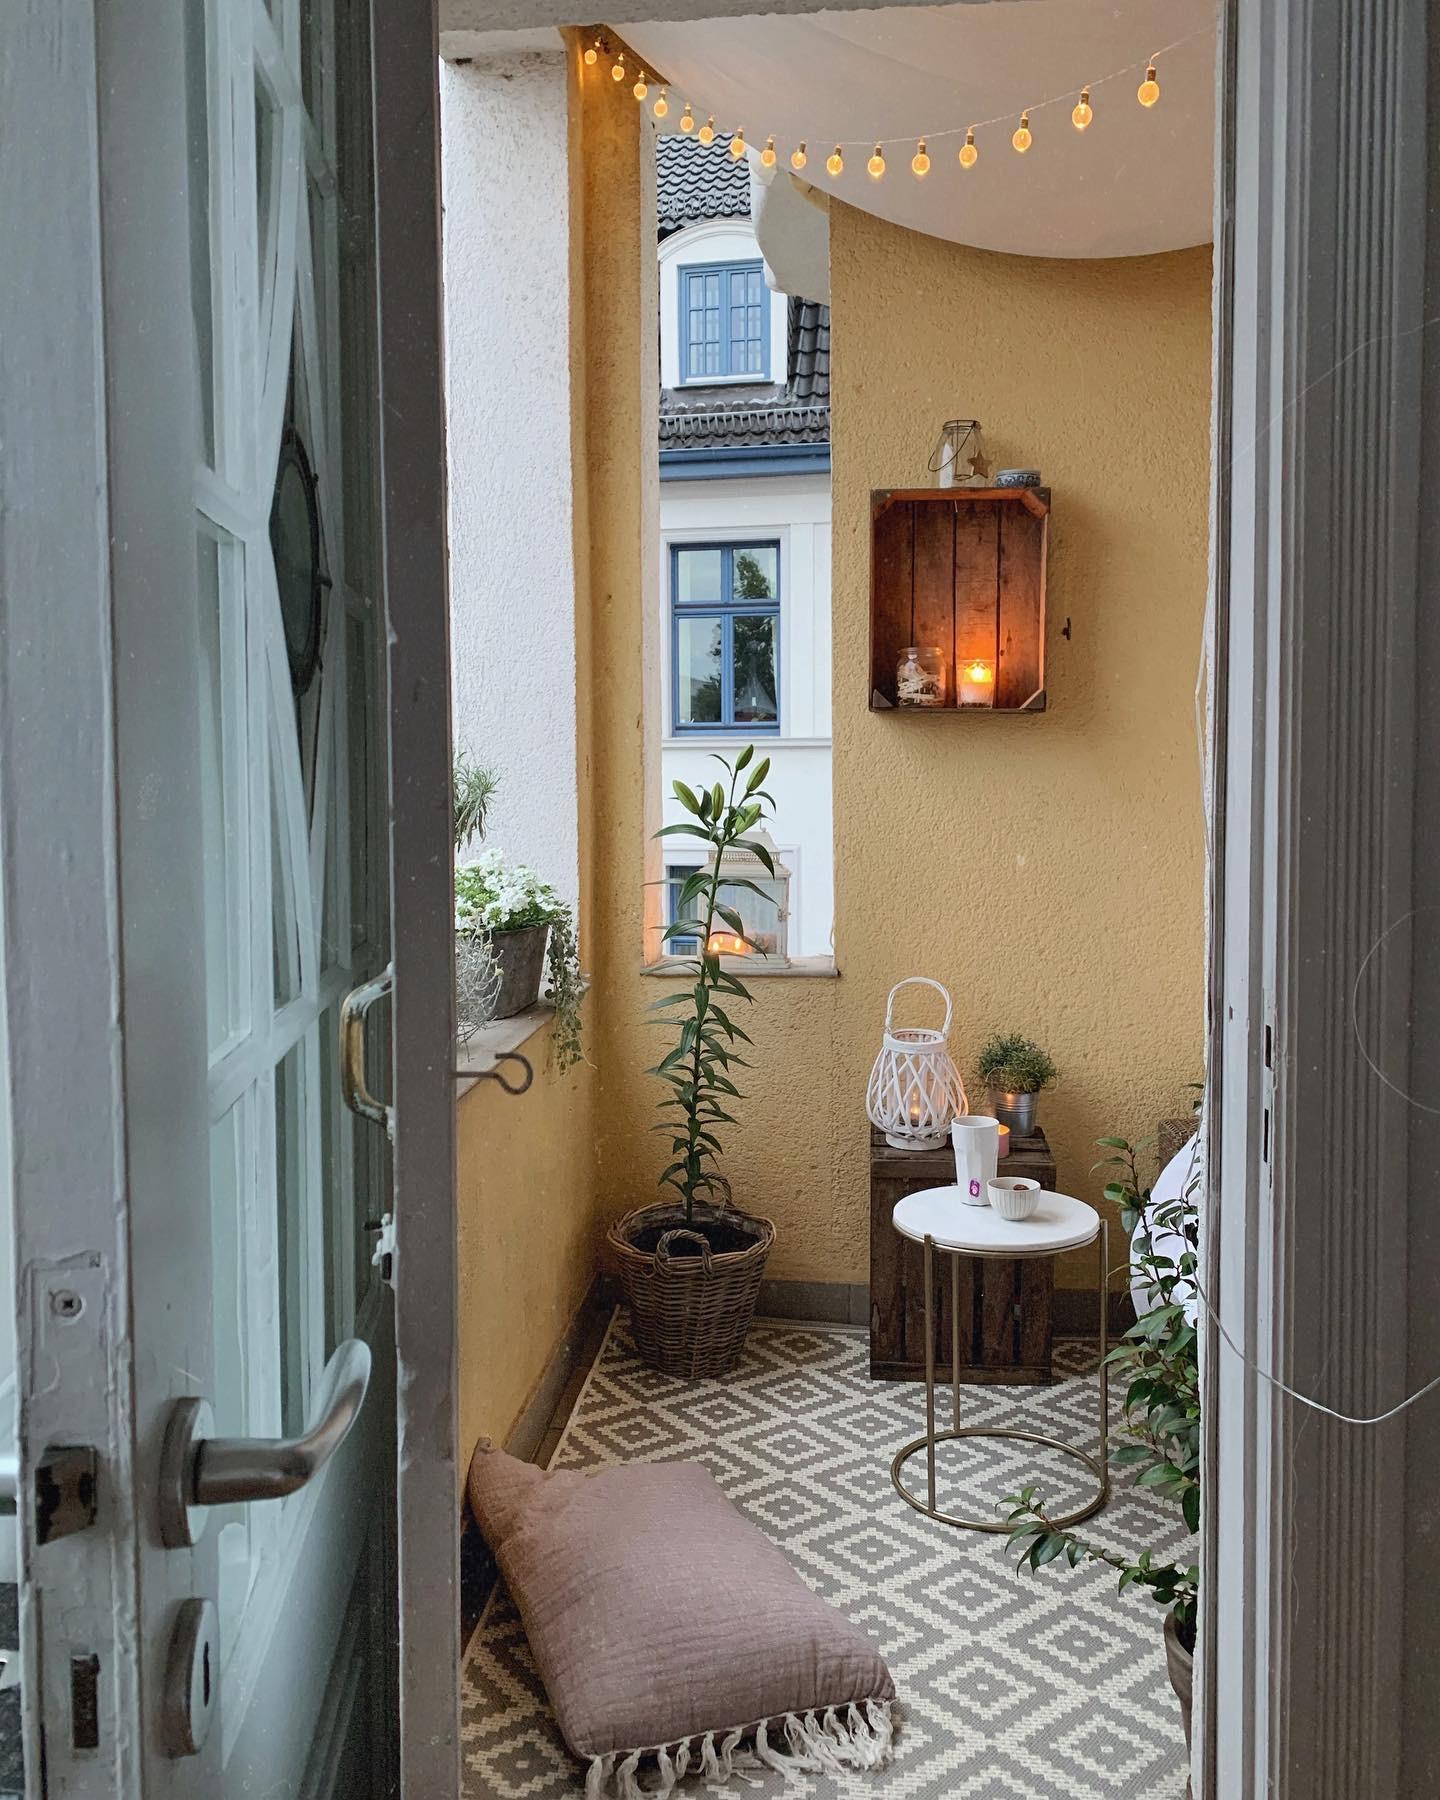 gemütlicher Balkon - - Homestory: Vanessas Schwäche für Altbau - Mehr Inspirationen und Wohnideen findest du bei desmondo